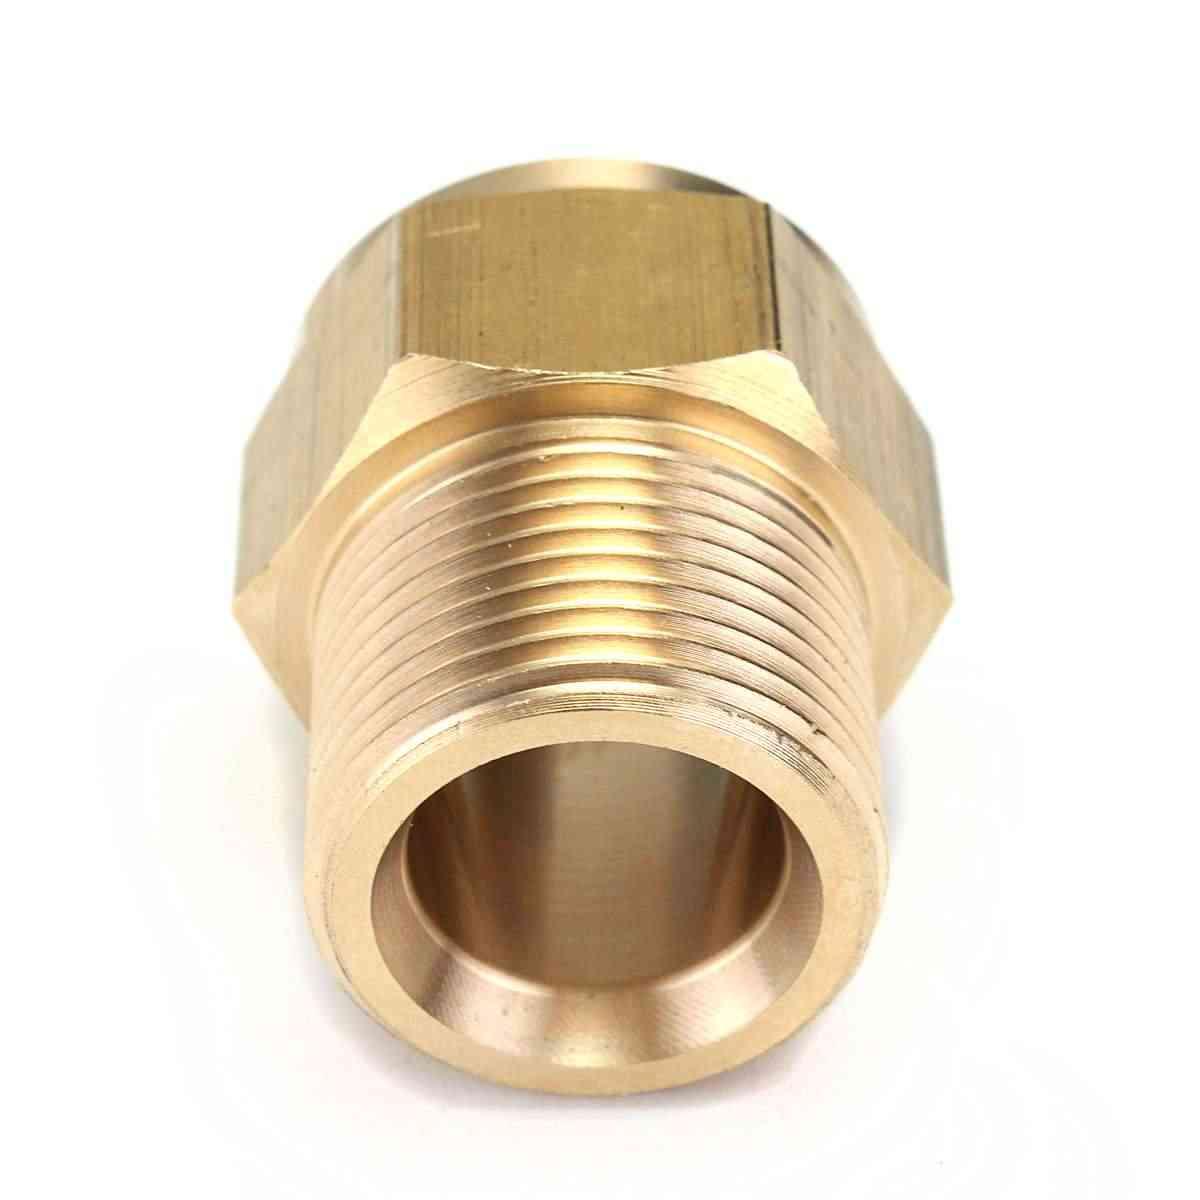 Nieuwe Collectie M22 Mannelijke X M22 Vrouwelijke Messing Gouden Slang Adapter Voor Karcher HD HDS 550 601 645 745 7/10